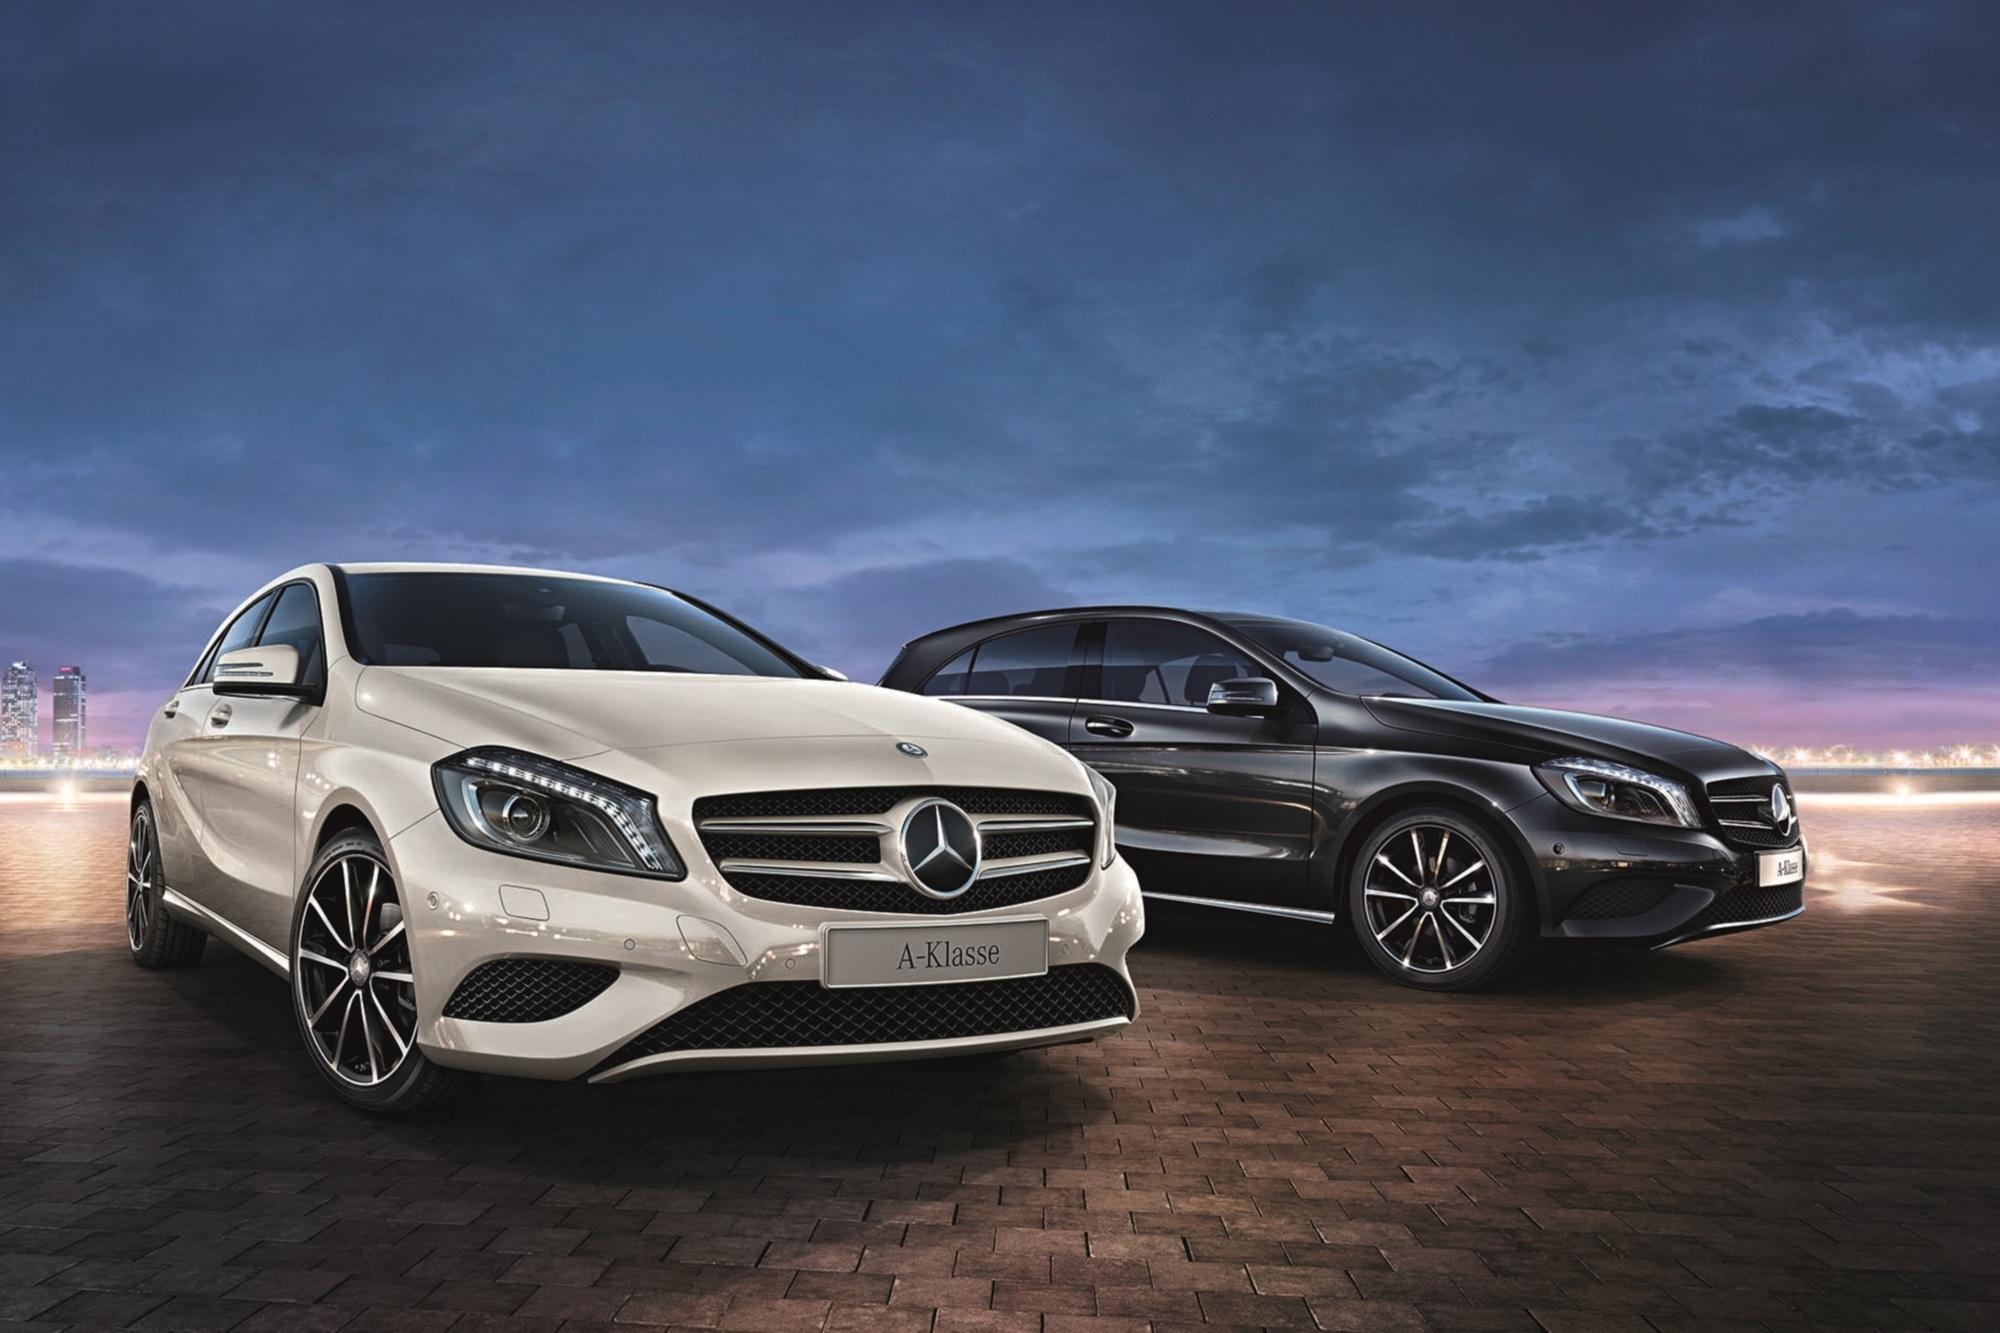 Mercedes-Benz A-Klasse 2Style - Sondermodell mit mehr Komfort und Chic